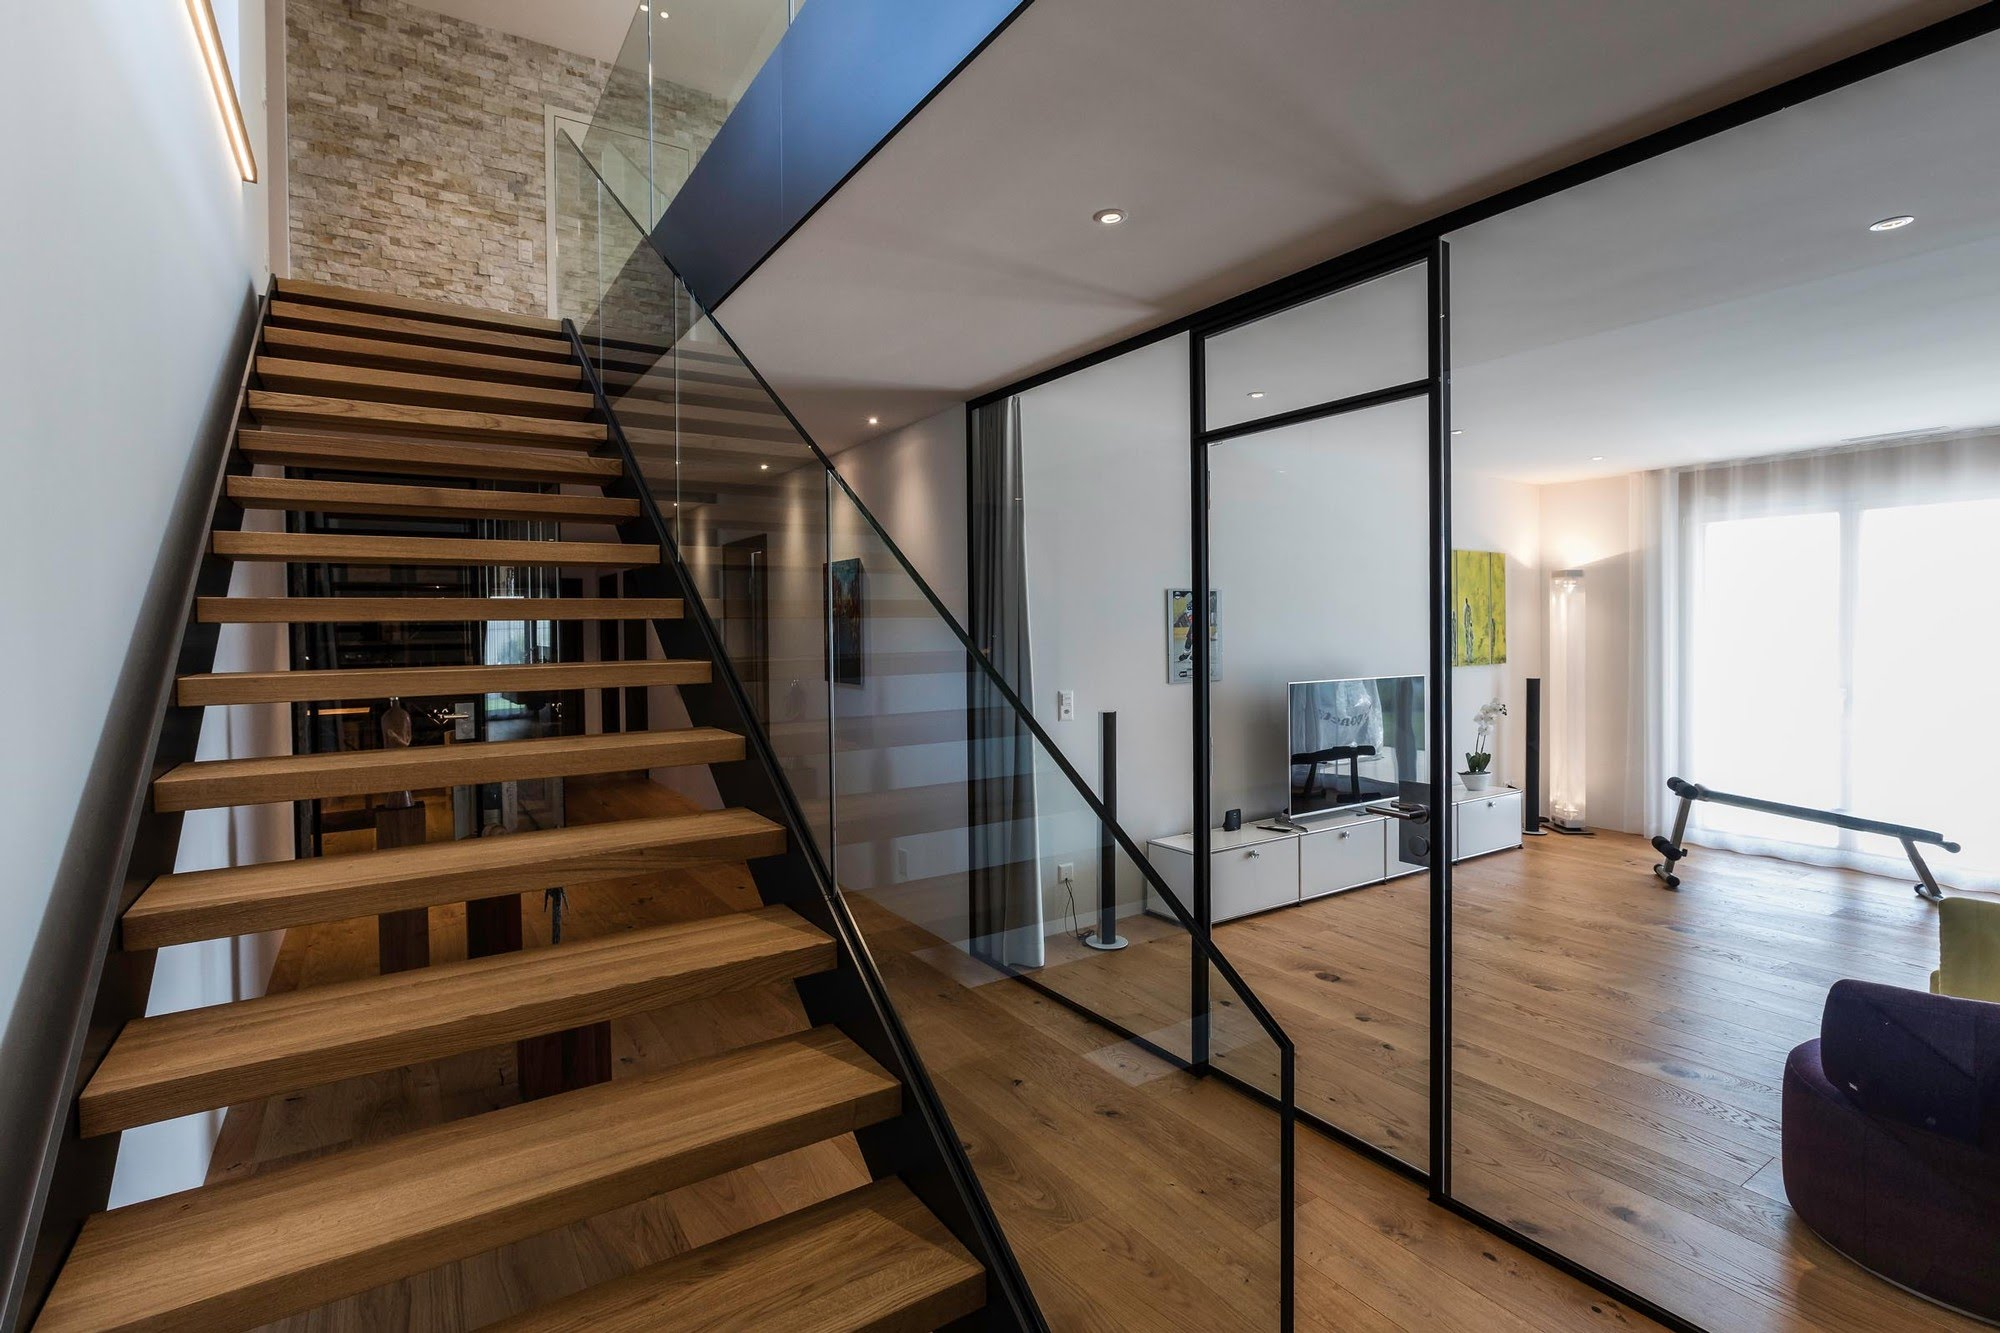 Wohnen EFH EFH 4 Striegelhöhe in Schenkon Architektur,Wohnungsbau,Wohnhäuser,Einfamilienhäuser,Mehrfamilienhäuser